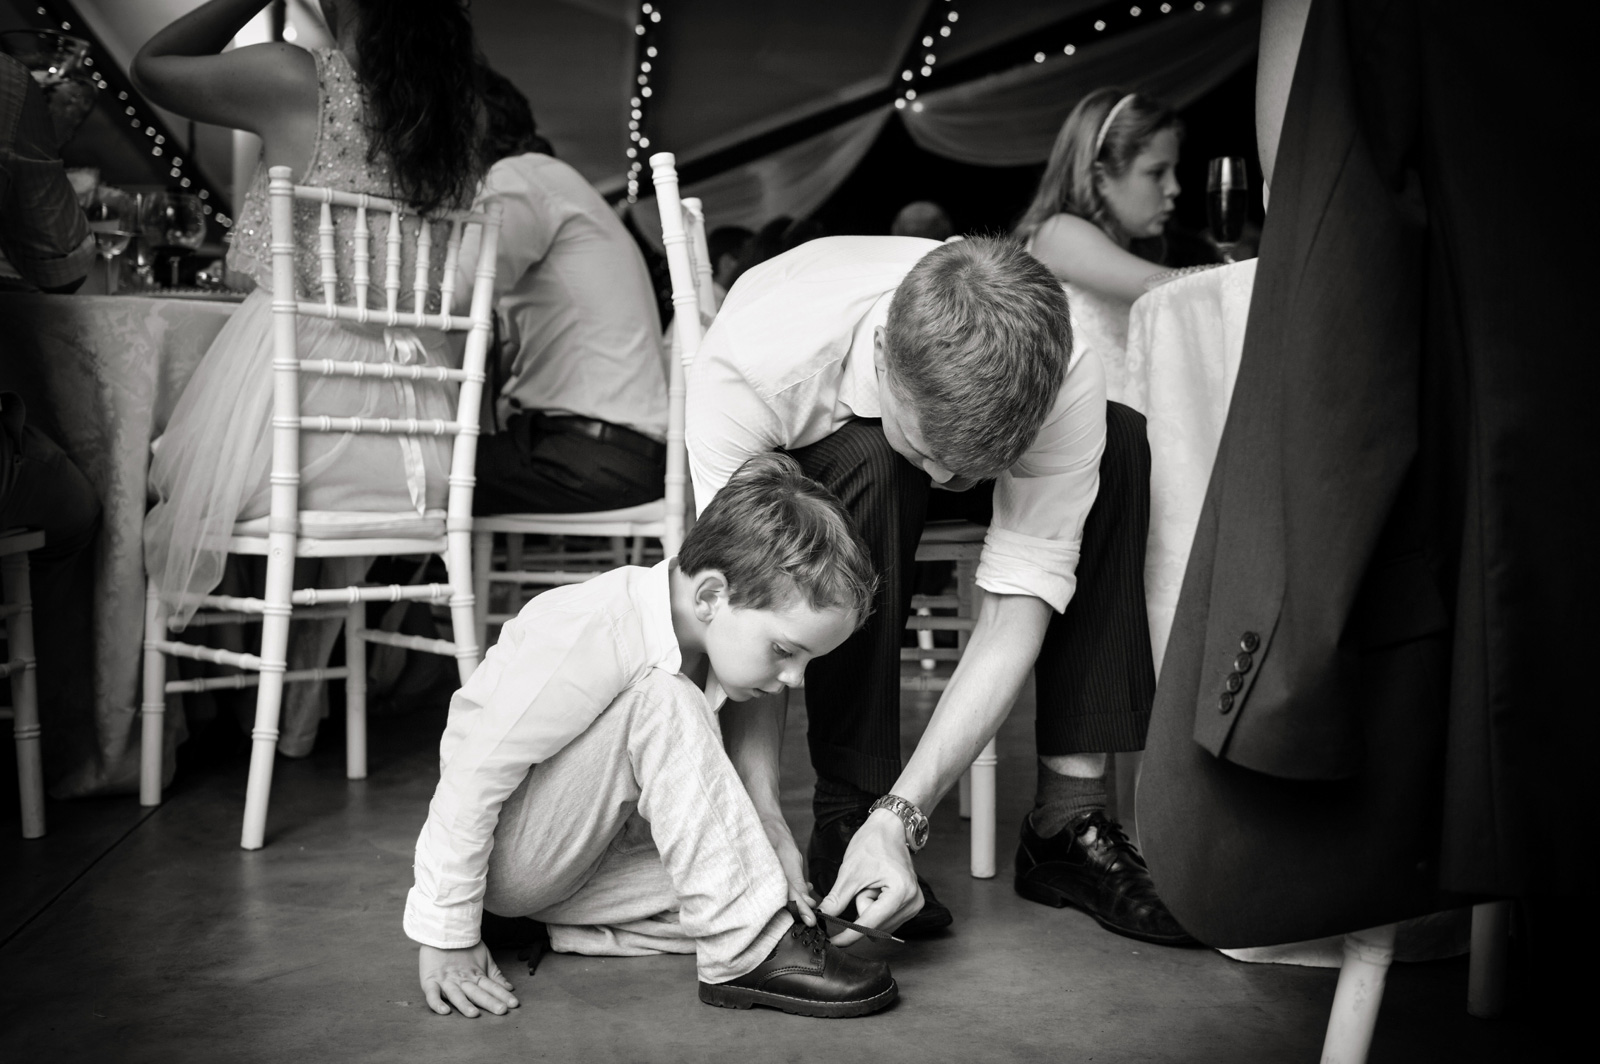 child shoelace